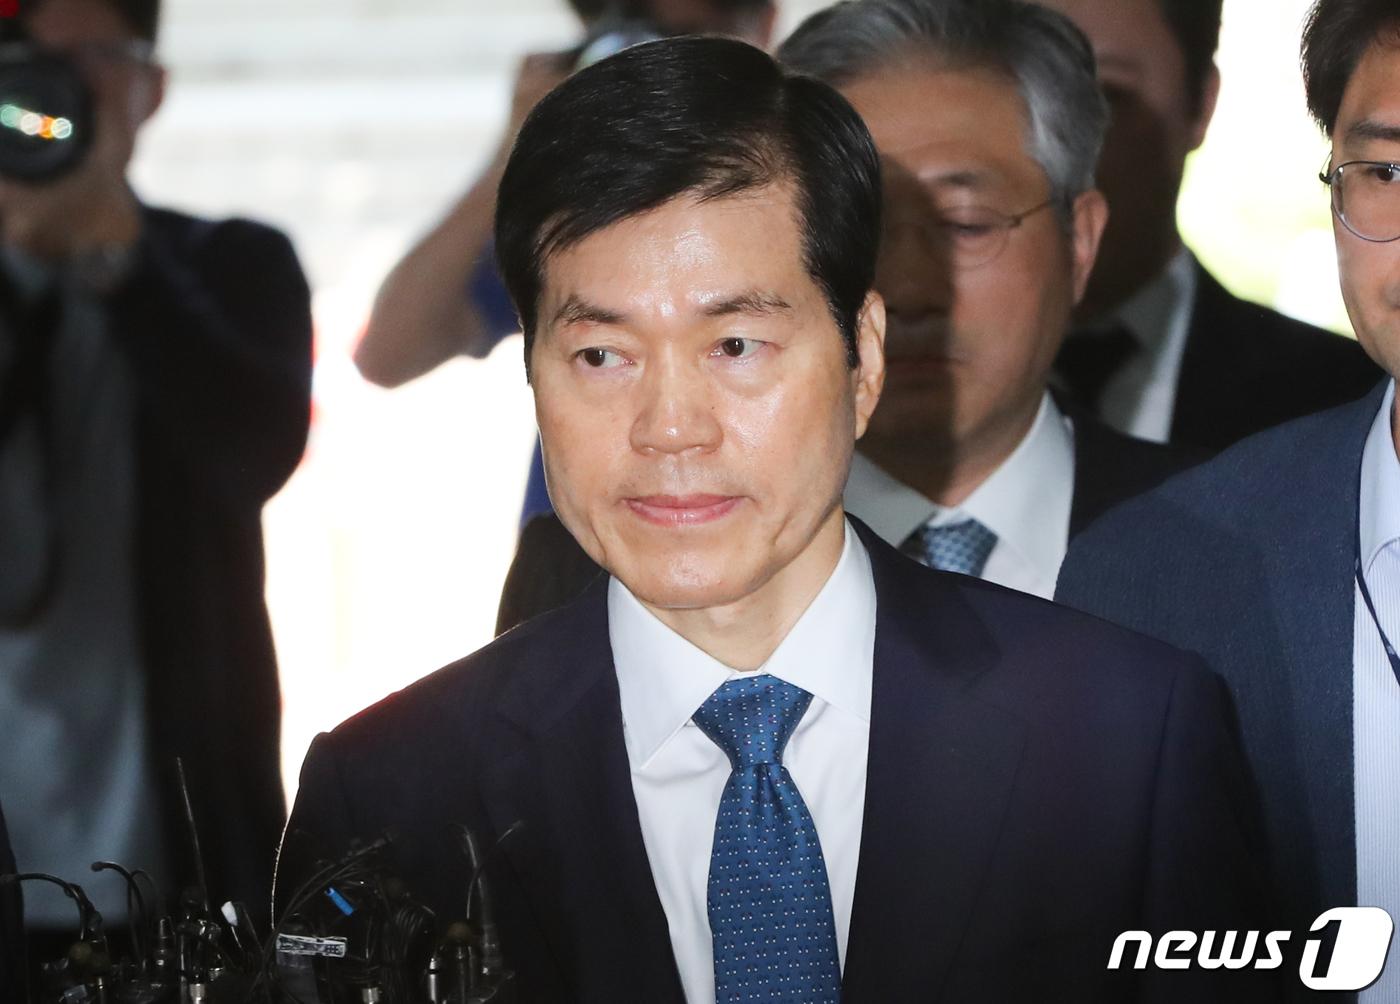 '분식회계' 관련 김태한 삼성바이오 대표 19일 구속 심사대[비올라 토토|잇츠(its) 토토]